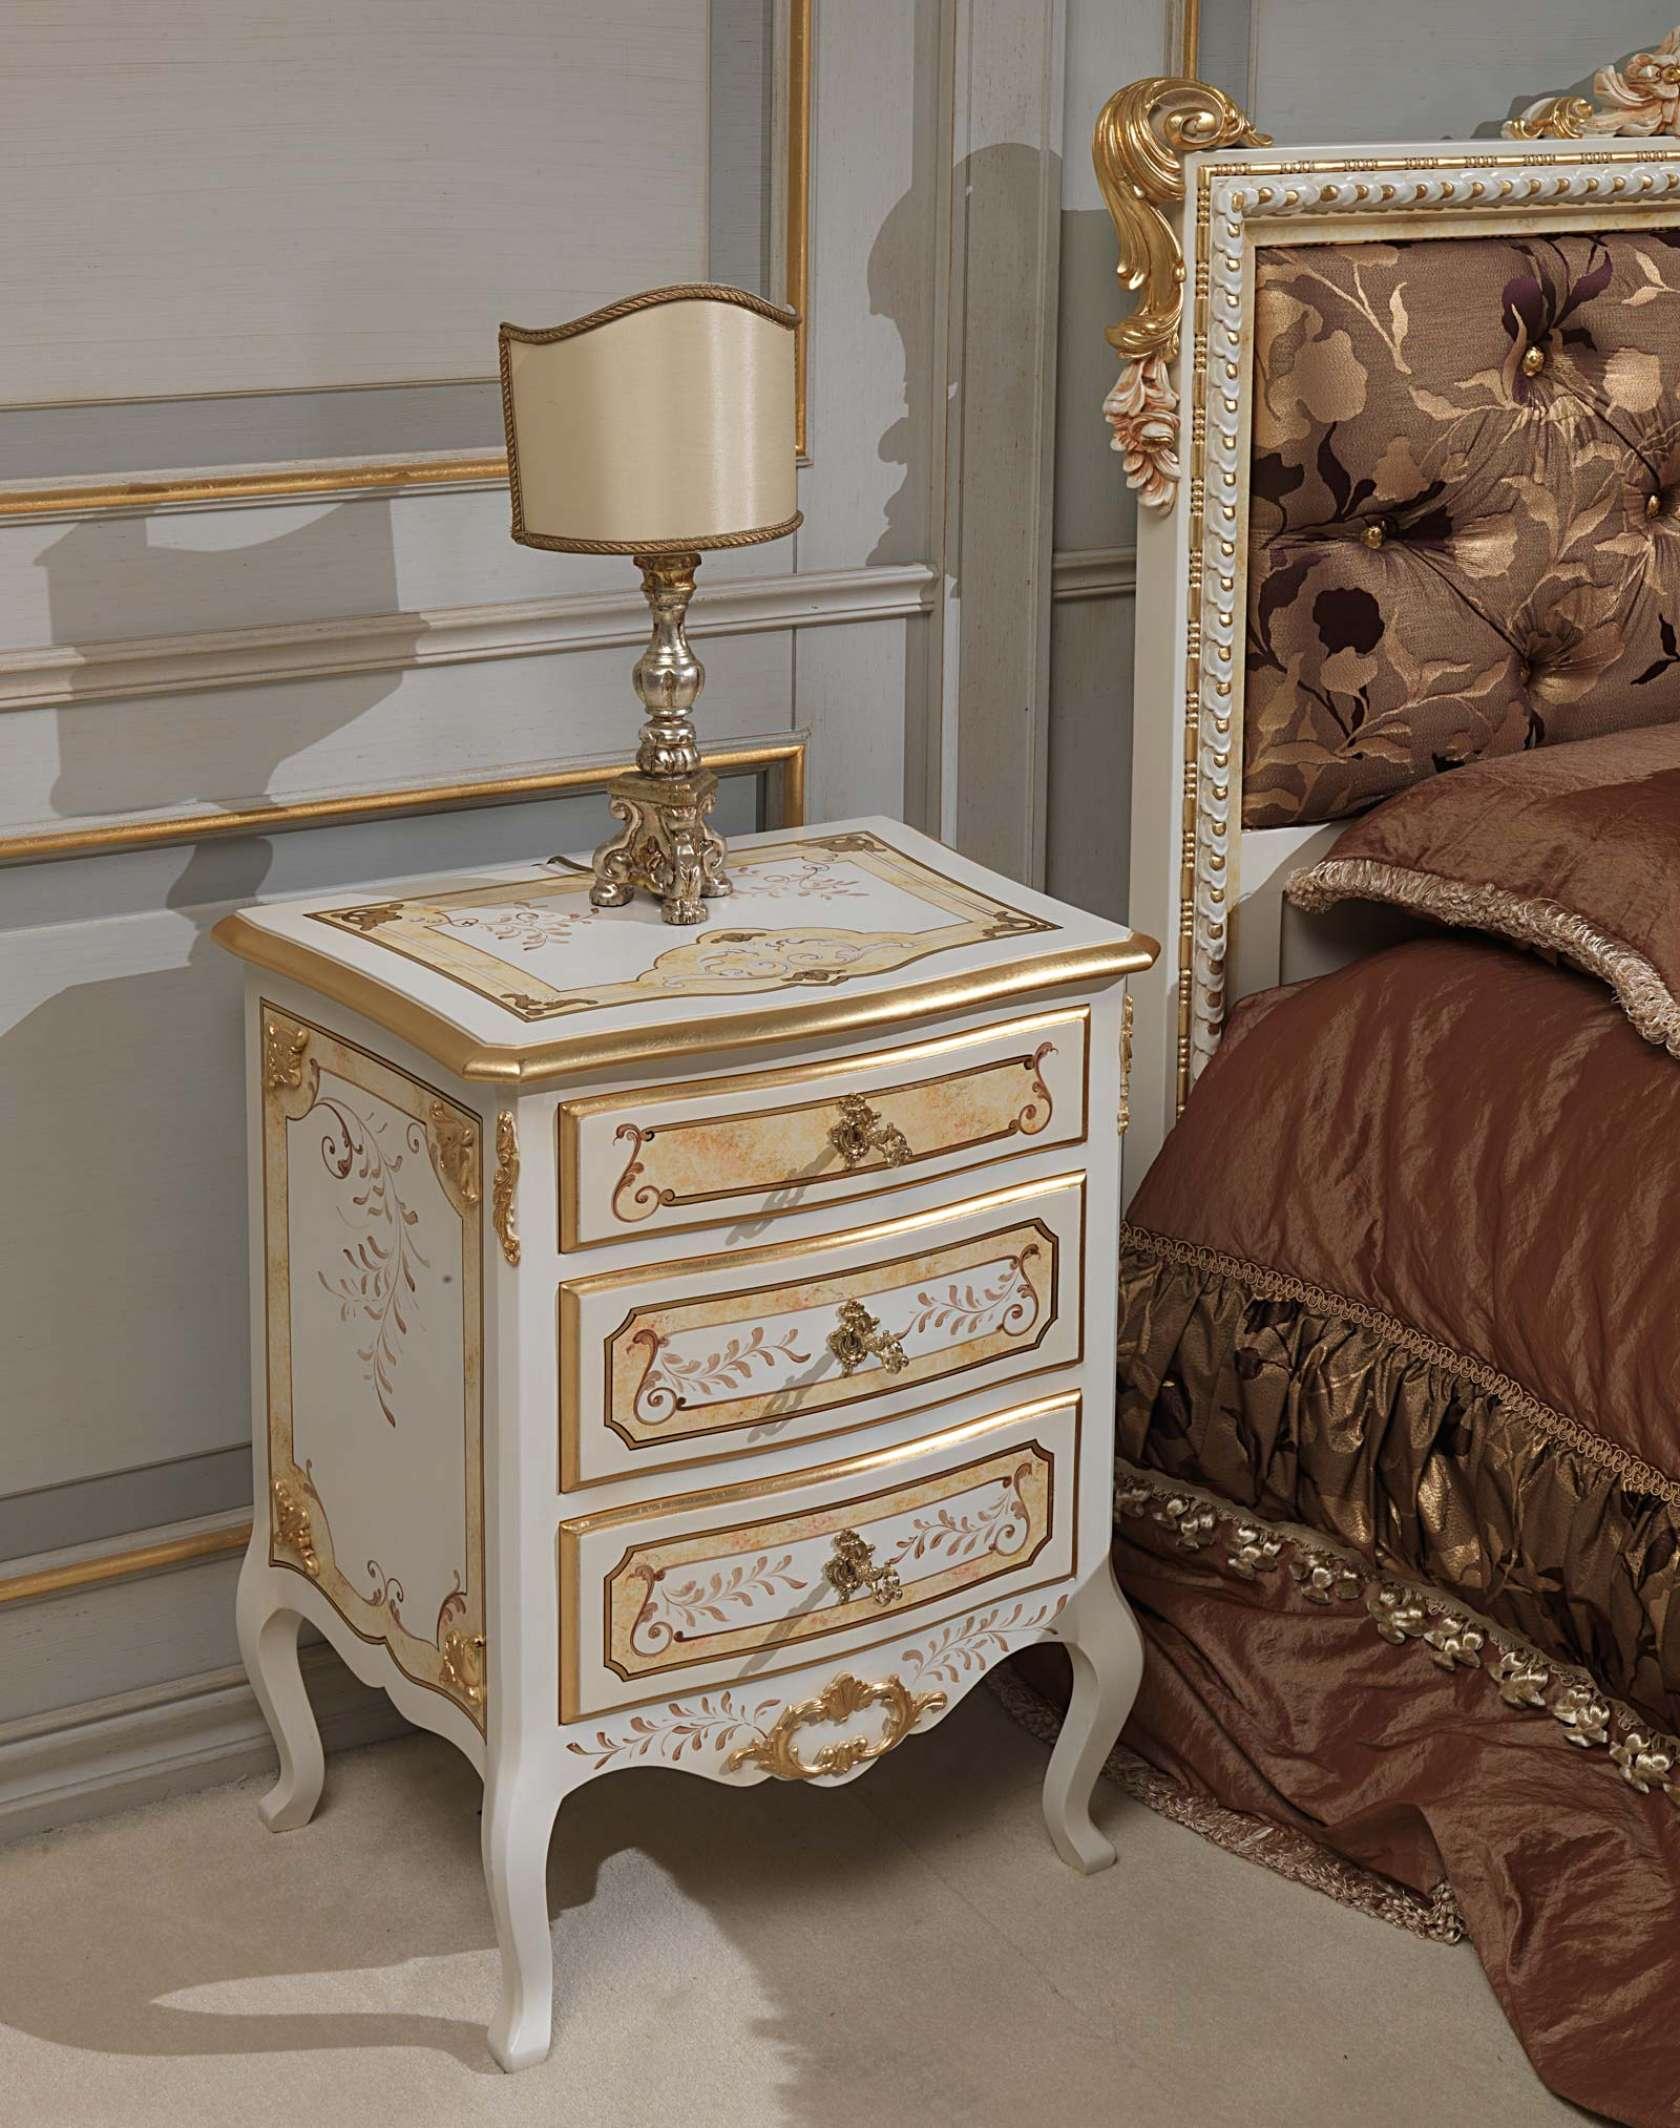 Camera da letto classica Louvre, comodino avorio e oro | Vimercati ...